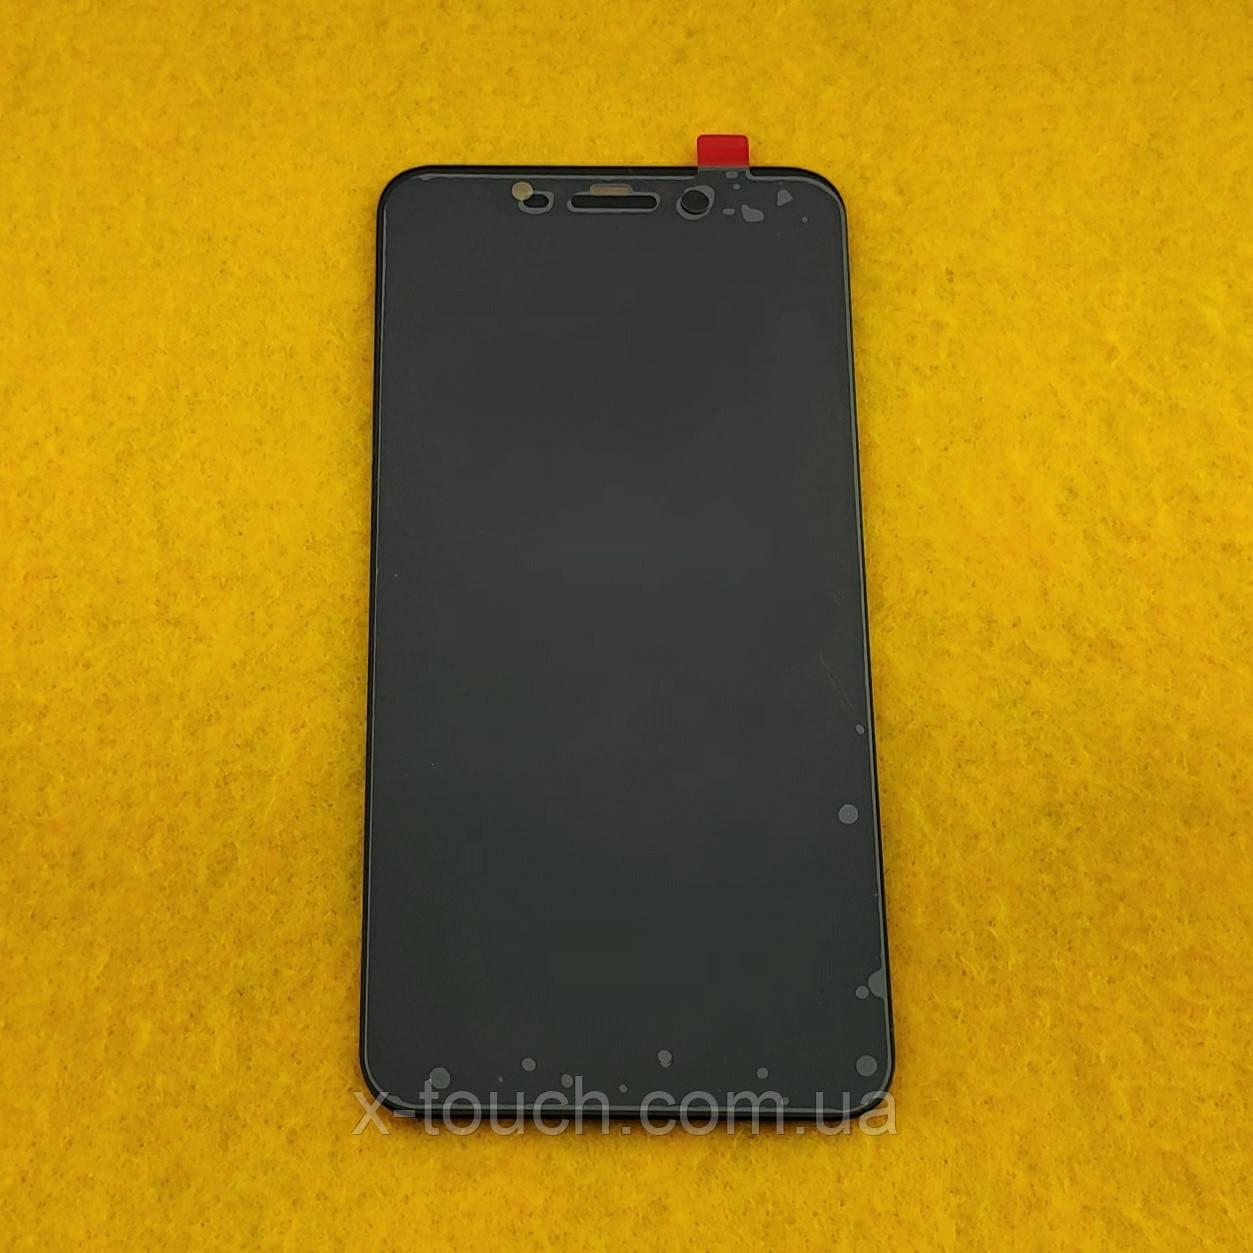 Модуль Xiaomi Mi 8 дисплей с сенсором для телефона, черного цвета.